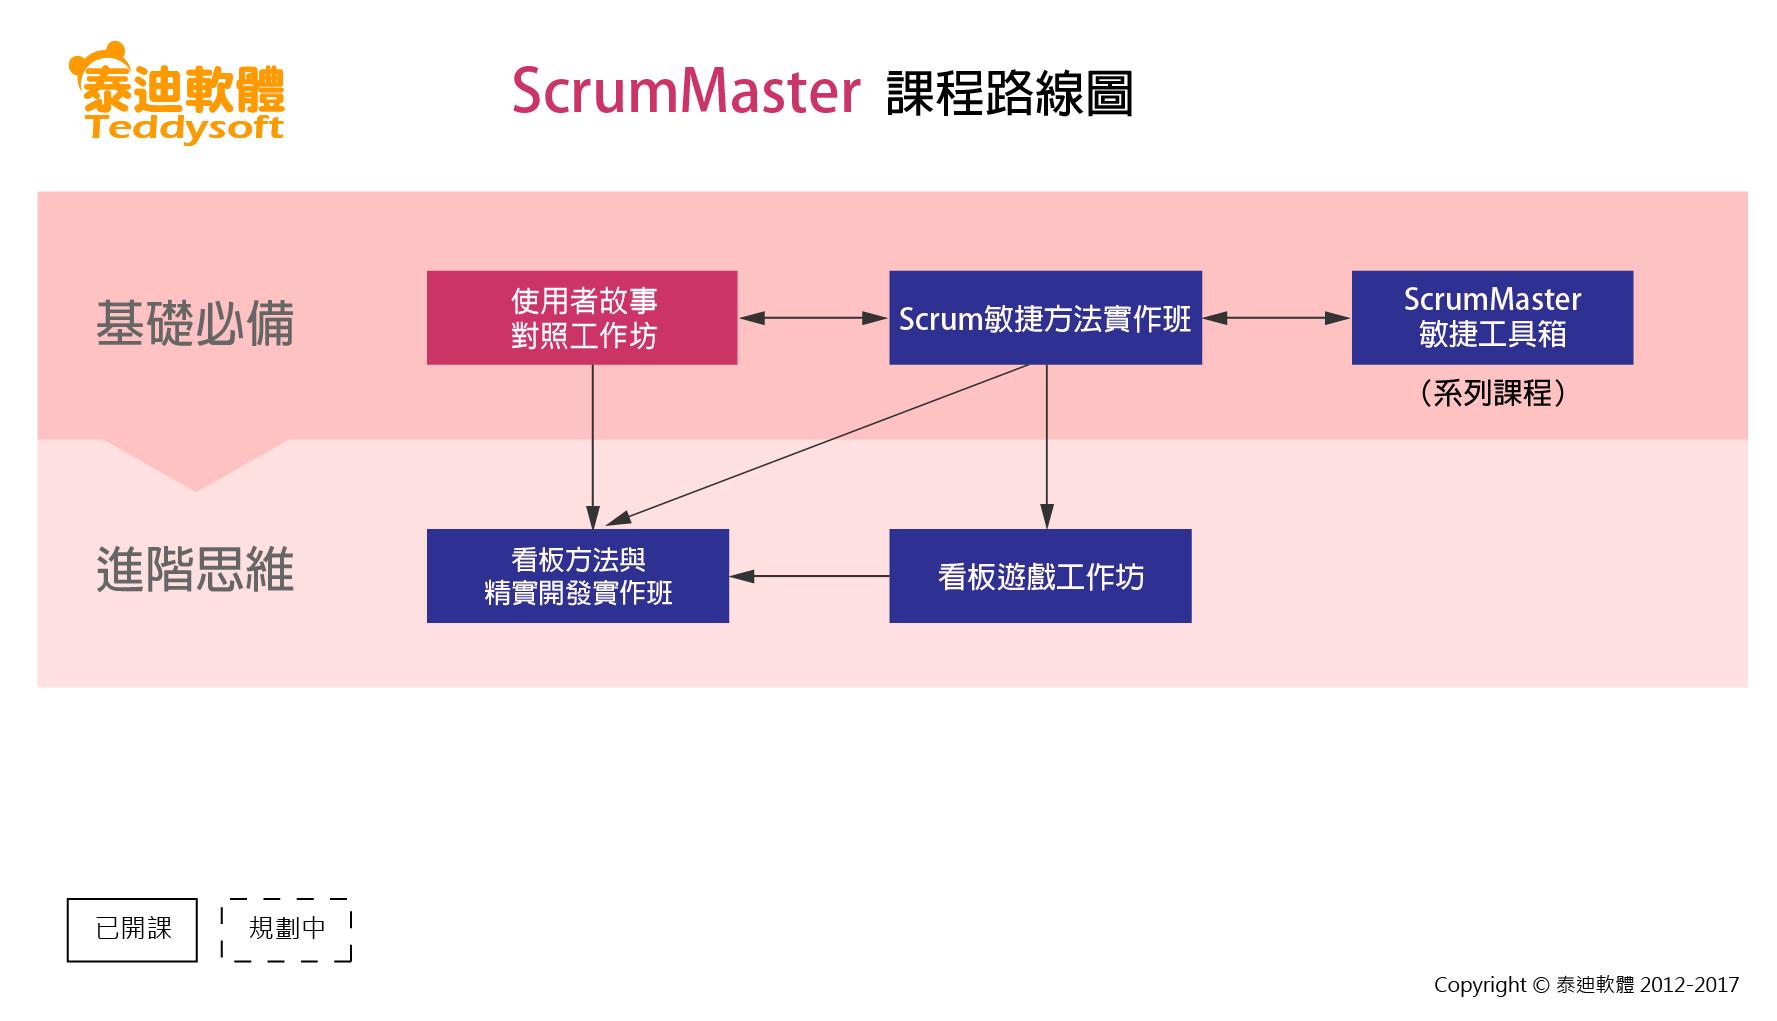 Roadmap_ScrumMaster